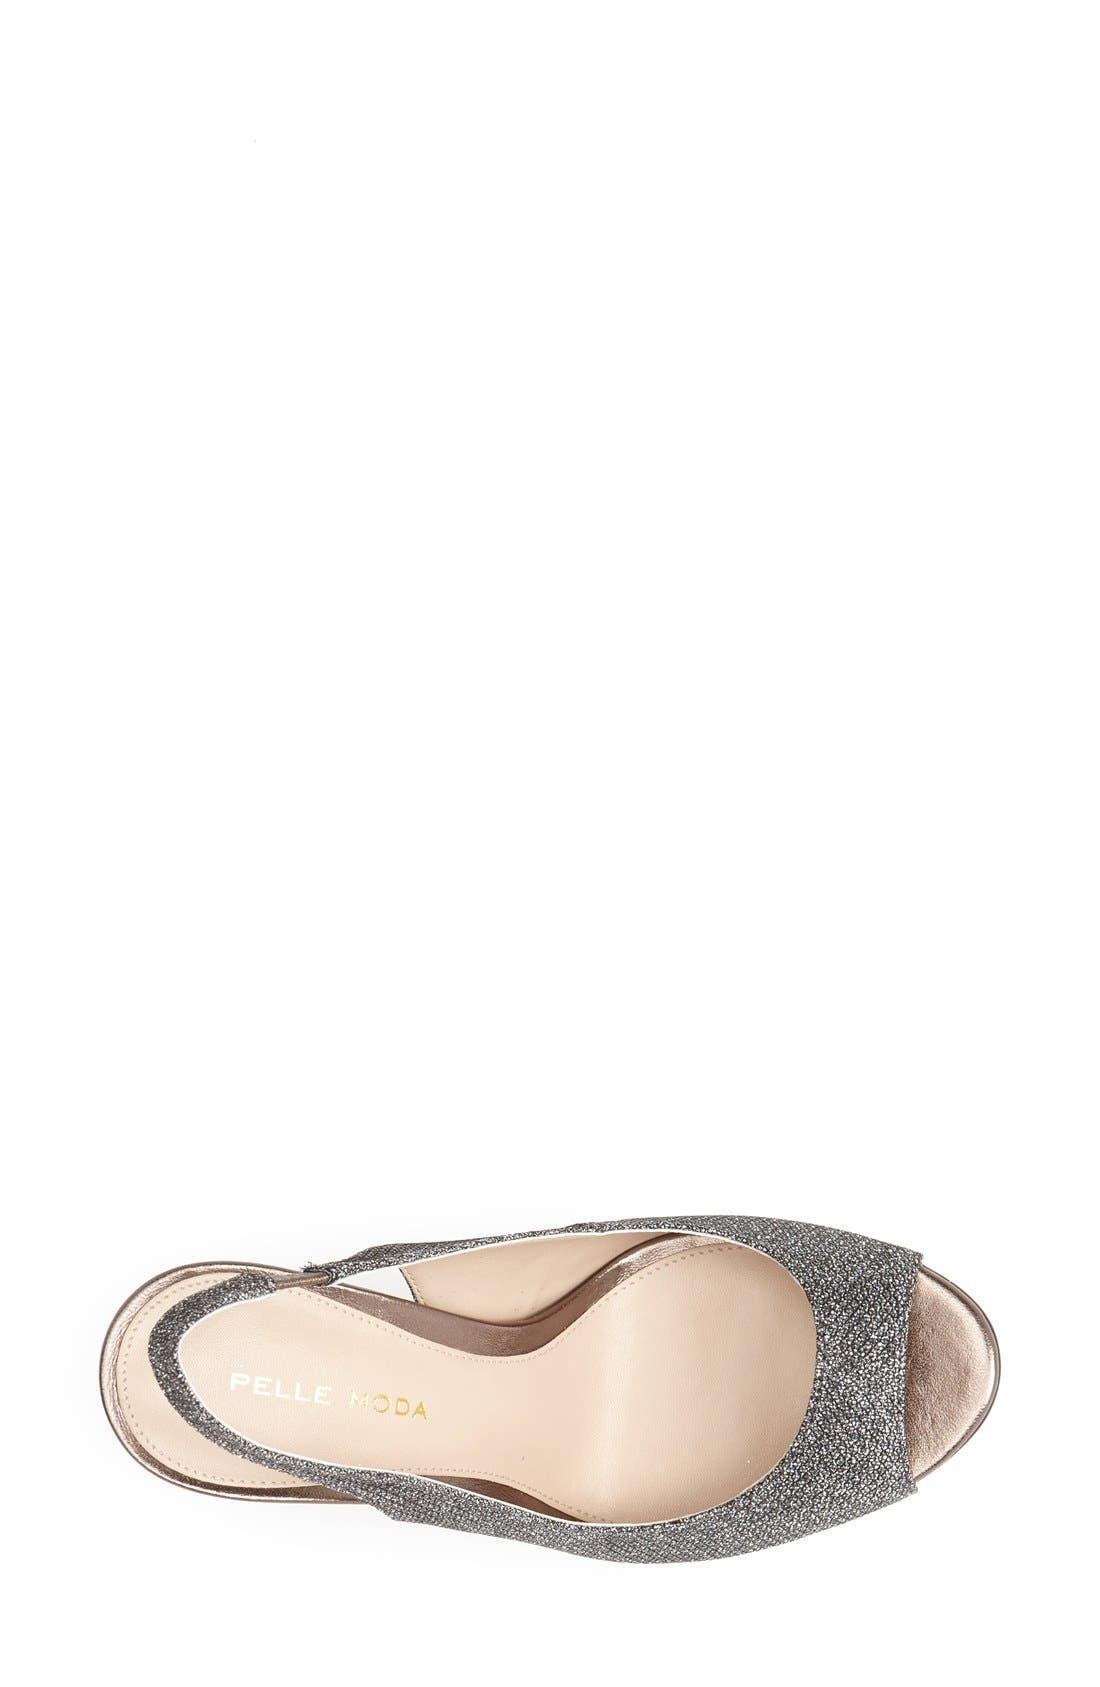 Alternate Image 3  - Pelle Moda 'Rivka' Open Toe Platform Slingback Sandal (Women)